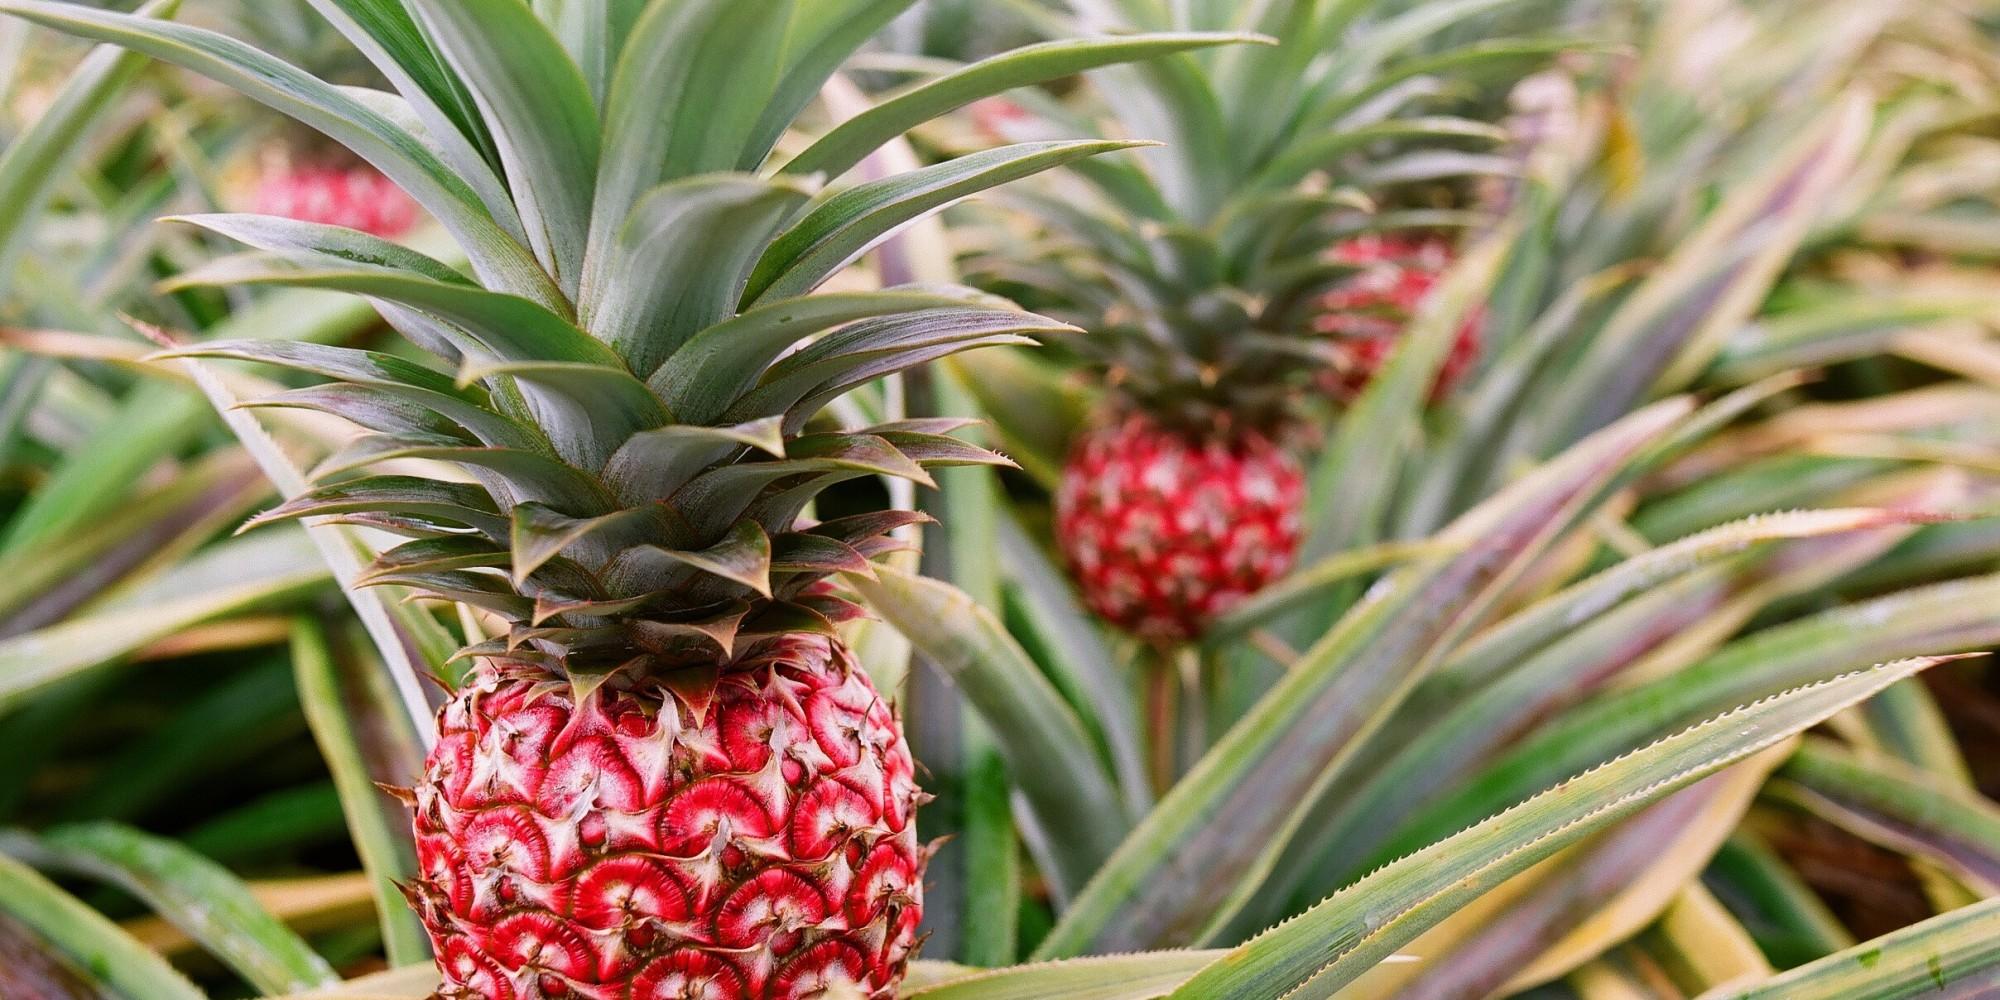 Zdjęcie przedstawiające trzy ananasy rosnące na krótkich łodygach wśród kolczastych liści.